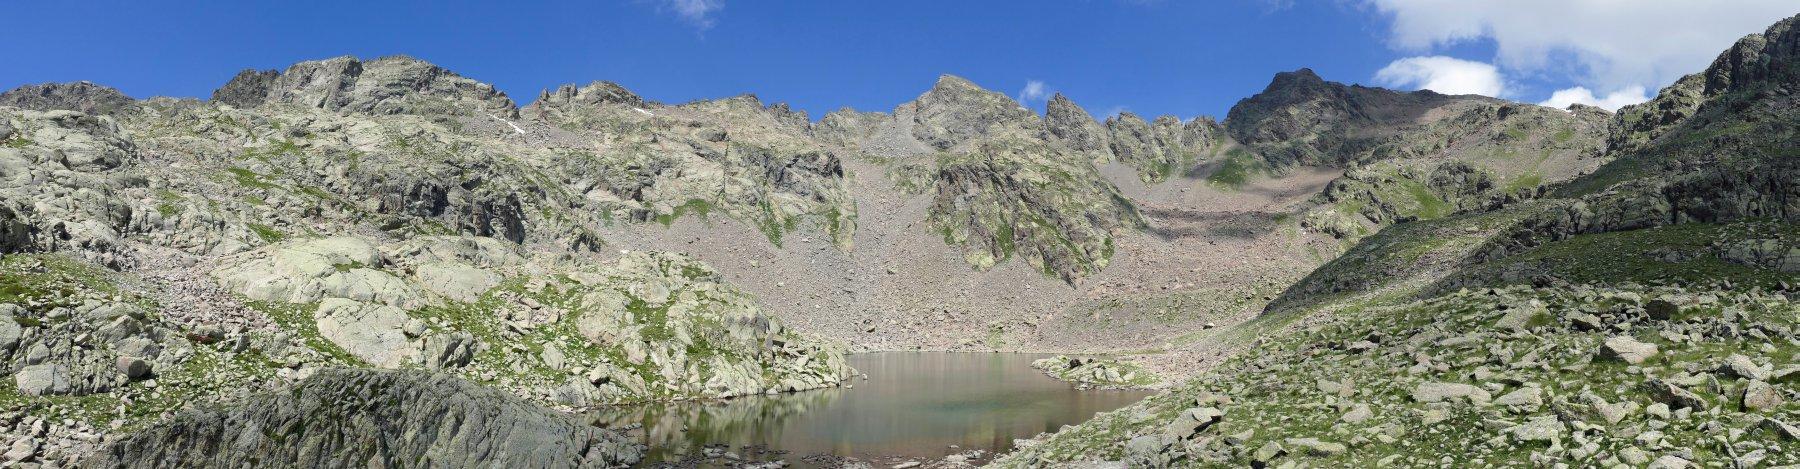 Scendendo,sguardo verso il lago superiore del Lausfer, al centro il Corborant